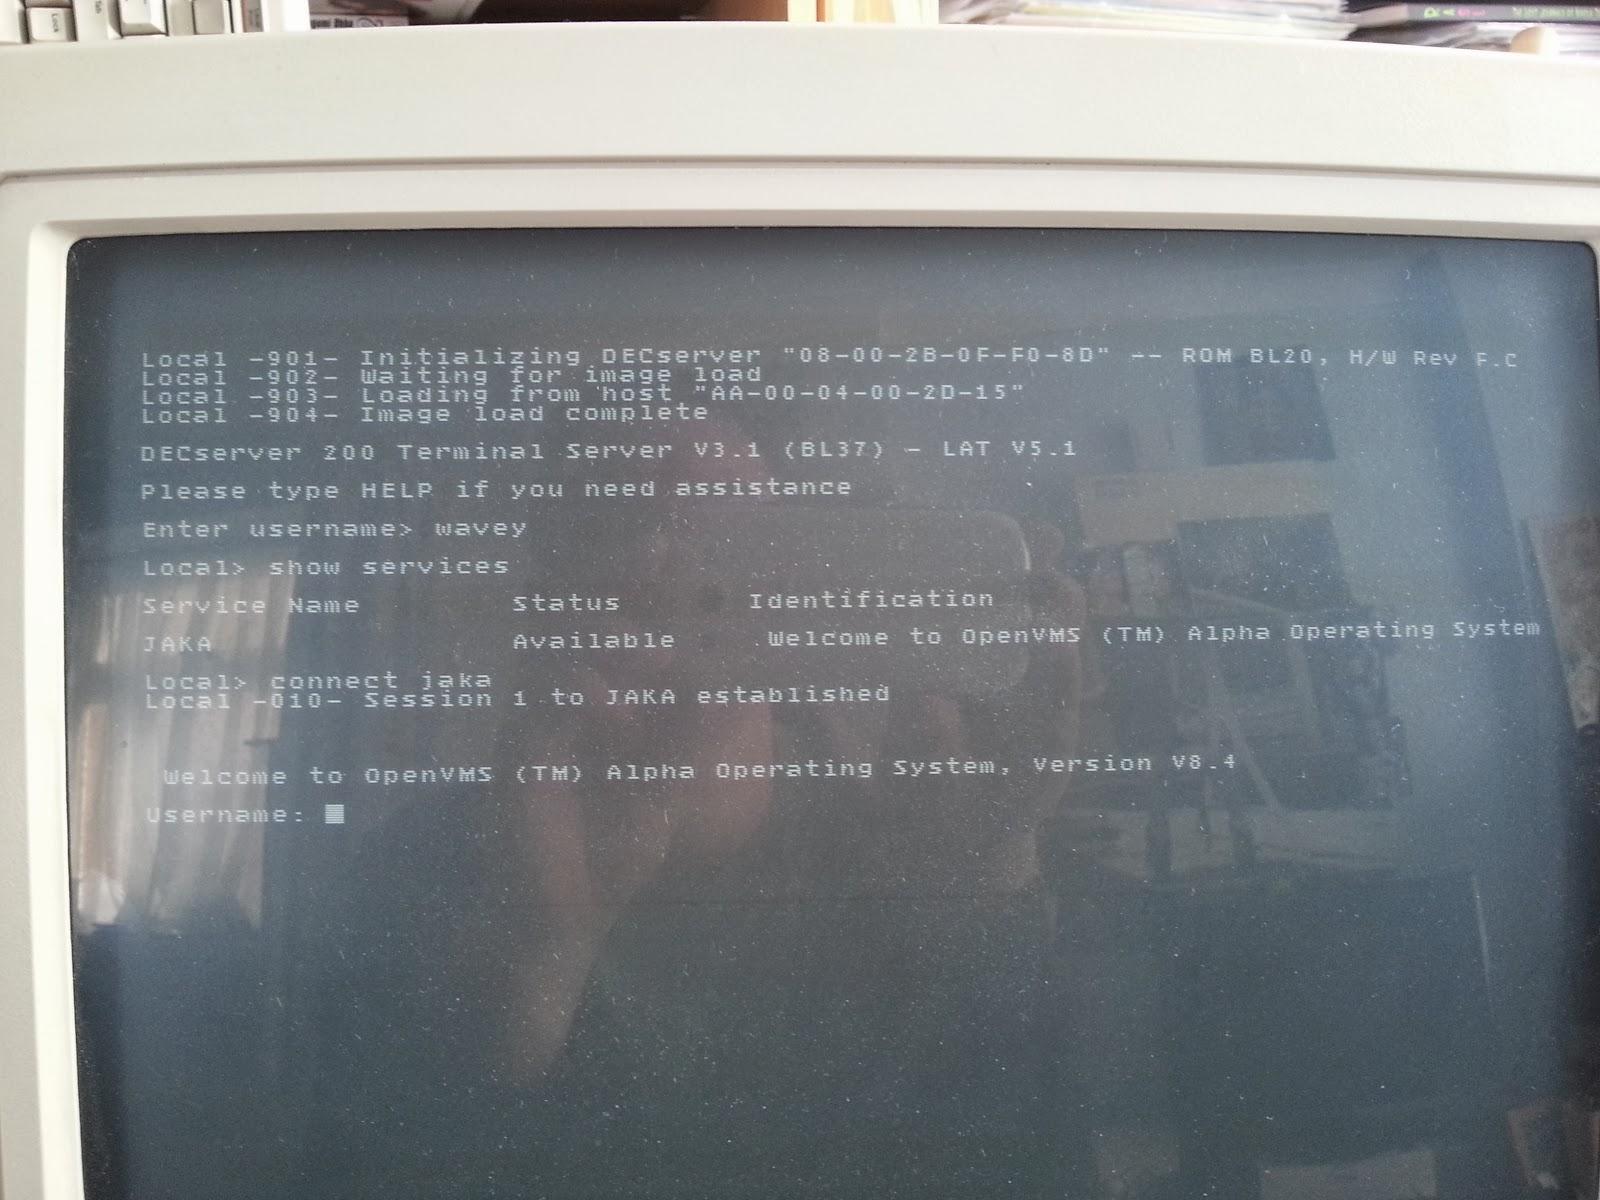 DECserver 200/MC Part Two   Wavey's Technical Blog